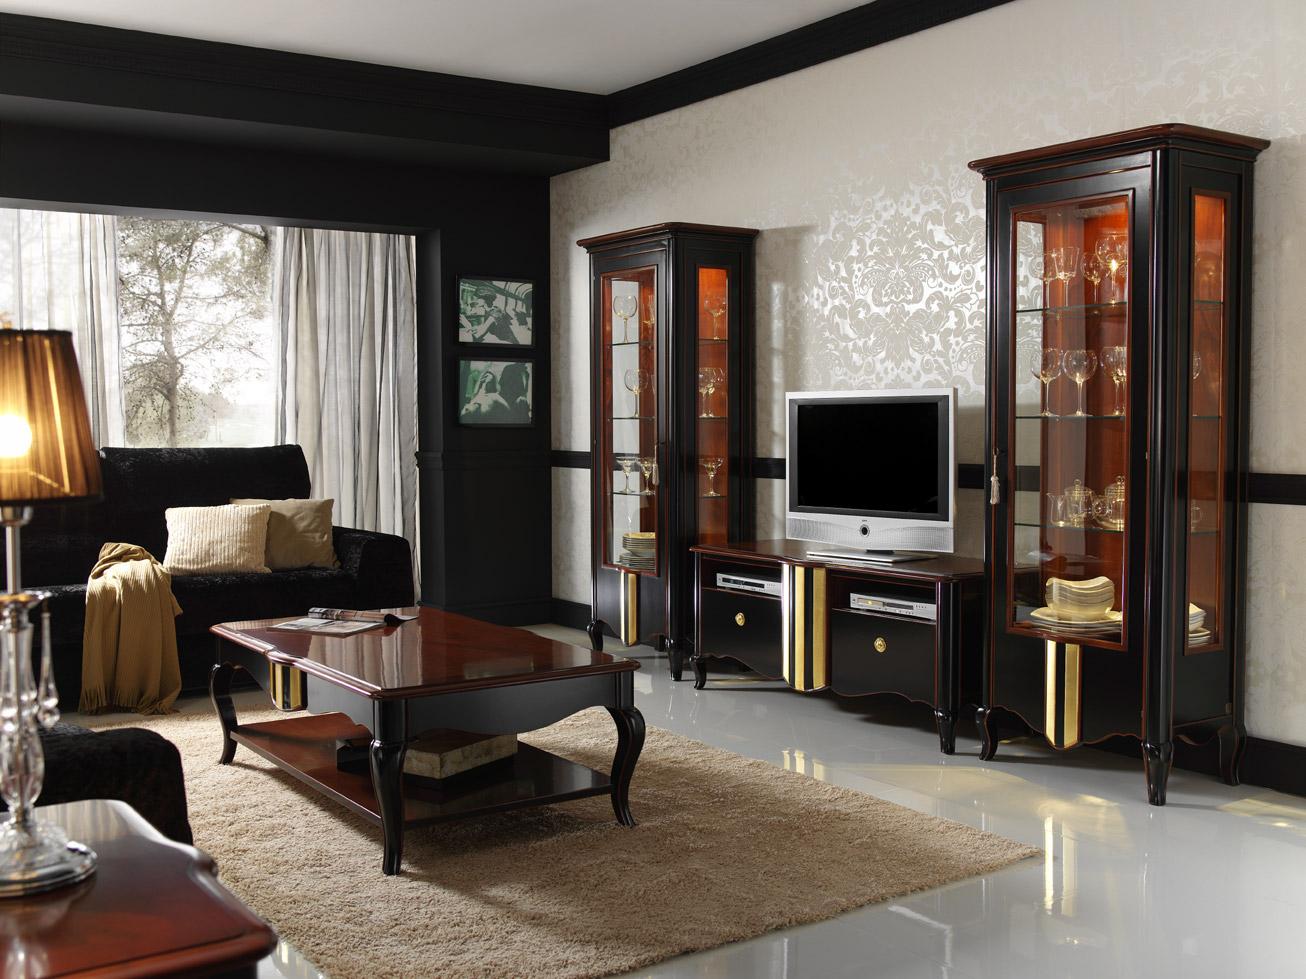 Decoracion mfg toscano el mueble artesano for Salones mezcla clasico moderno